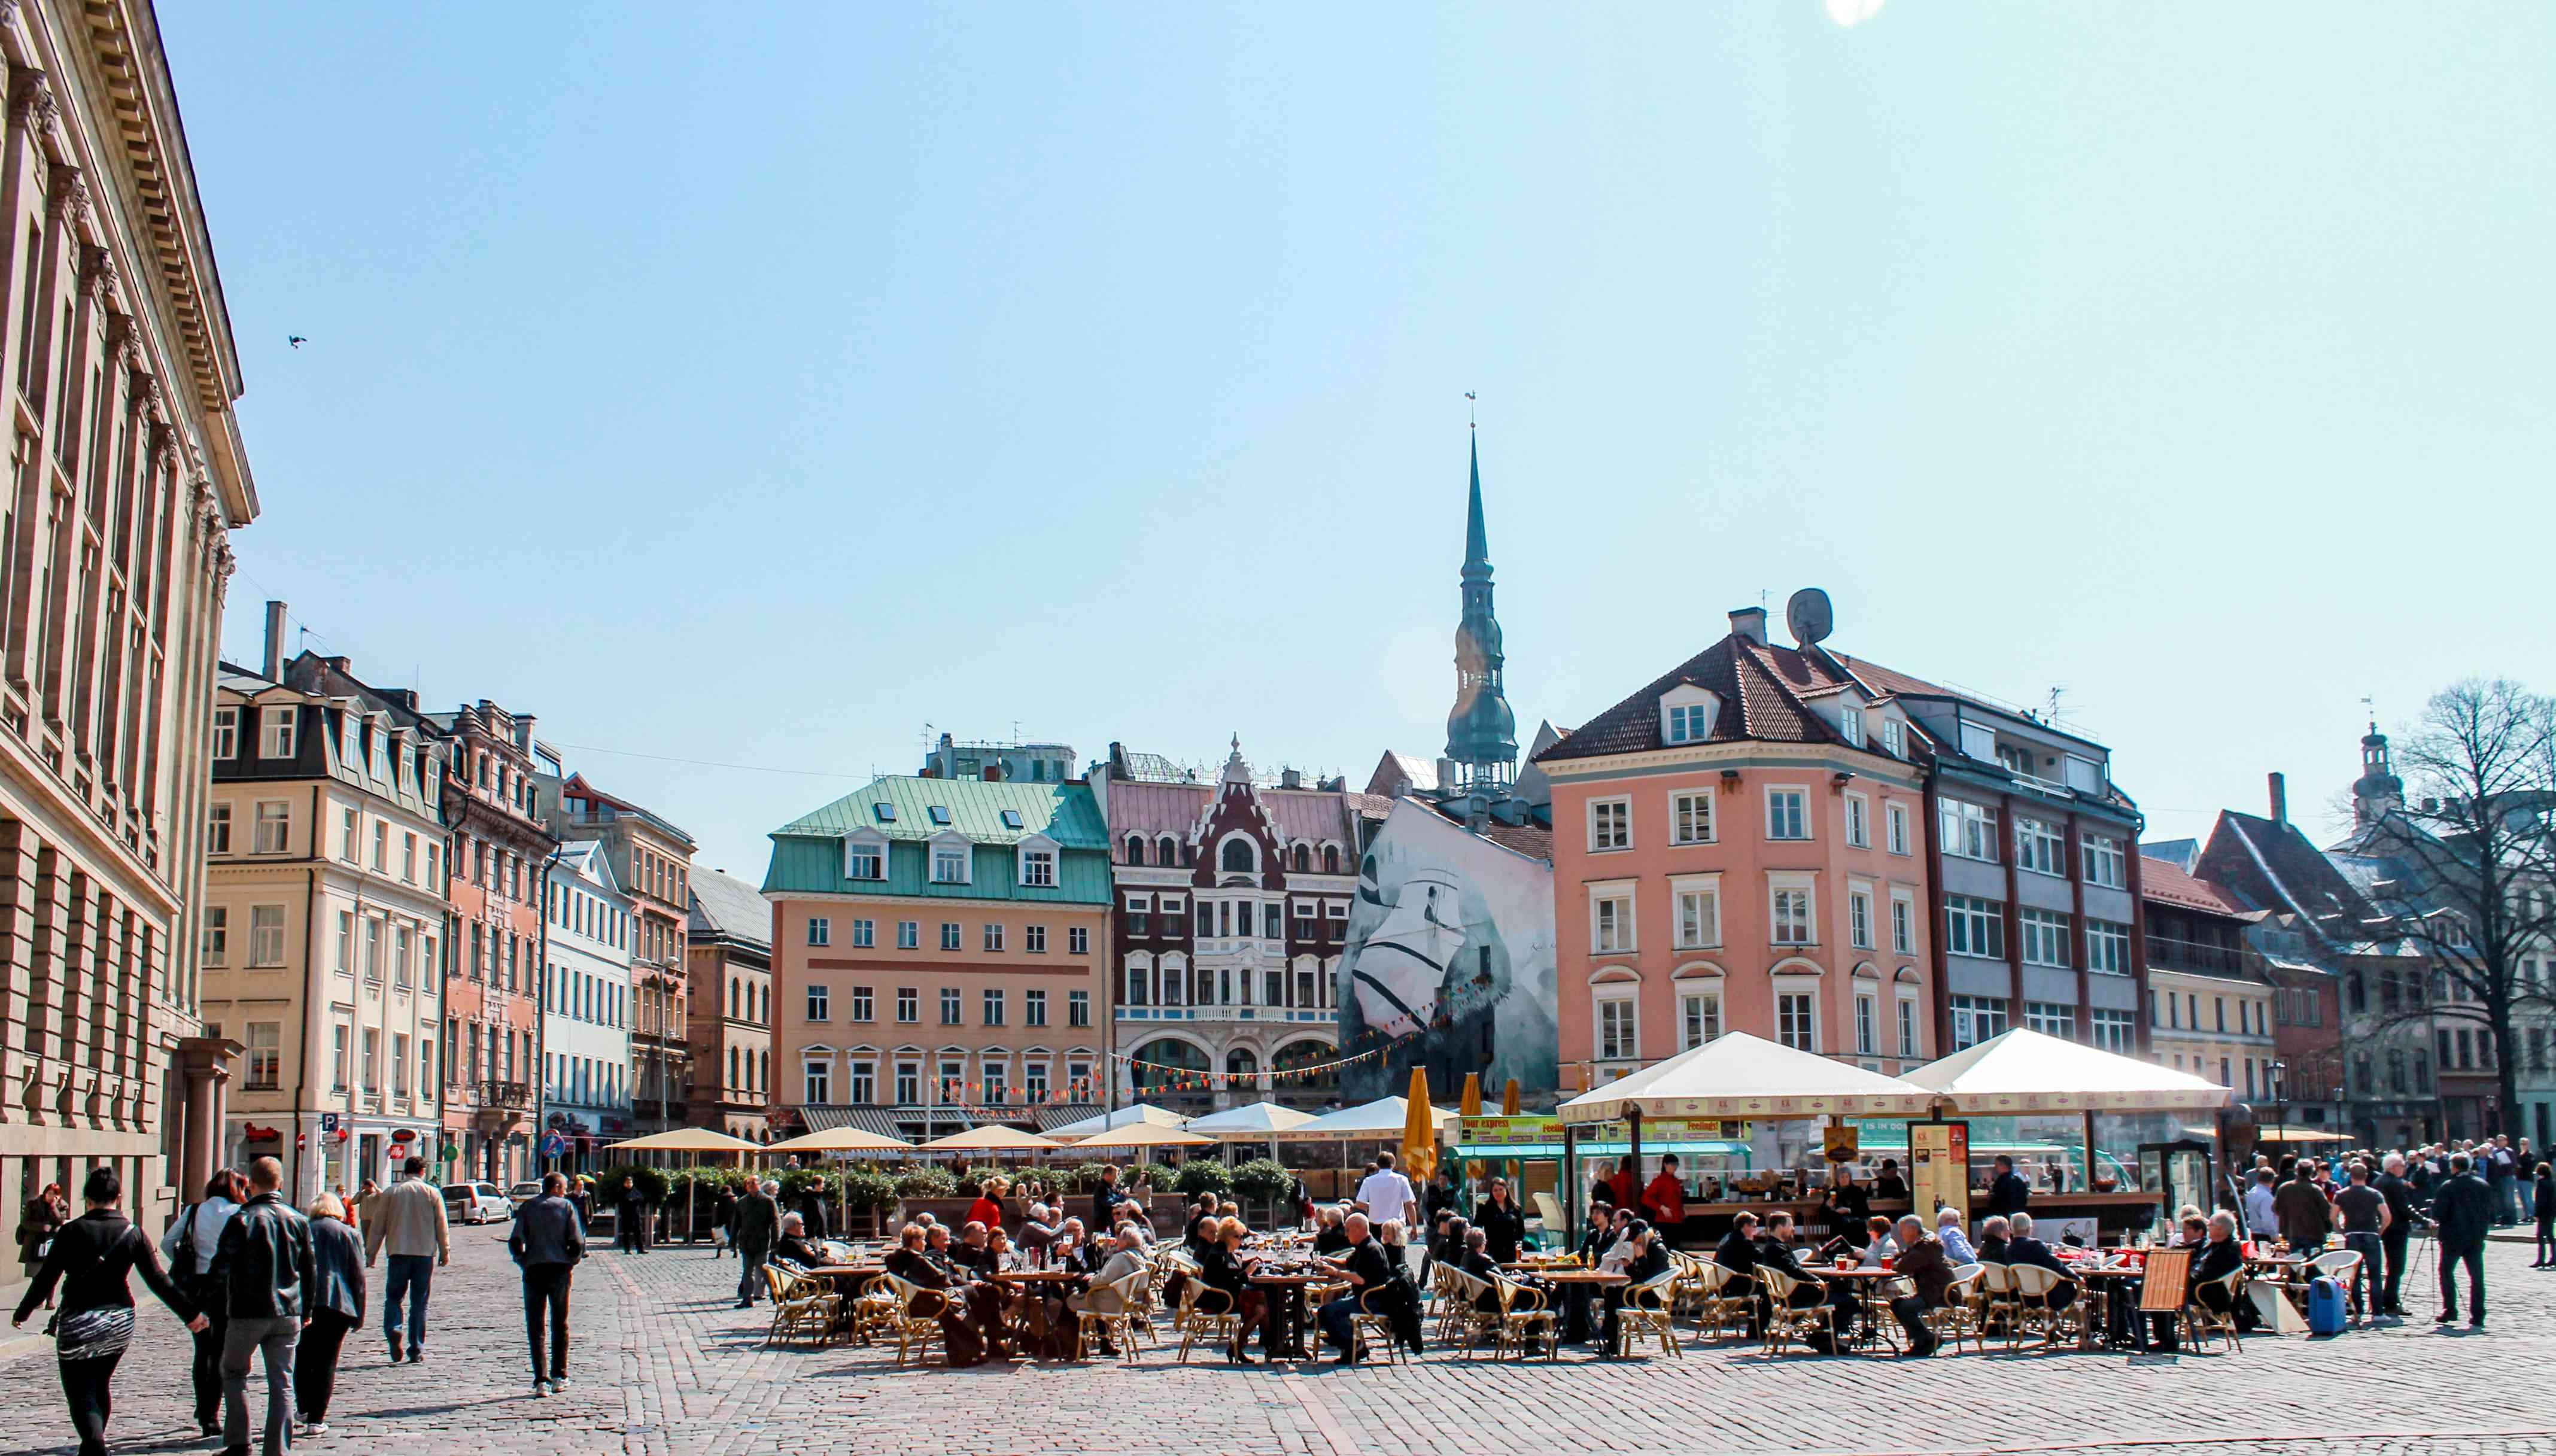 Un grupo de personas sentadas en las mesas afuera en una plaza del pueblo rodeada de coloridos edificios